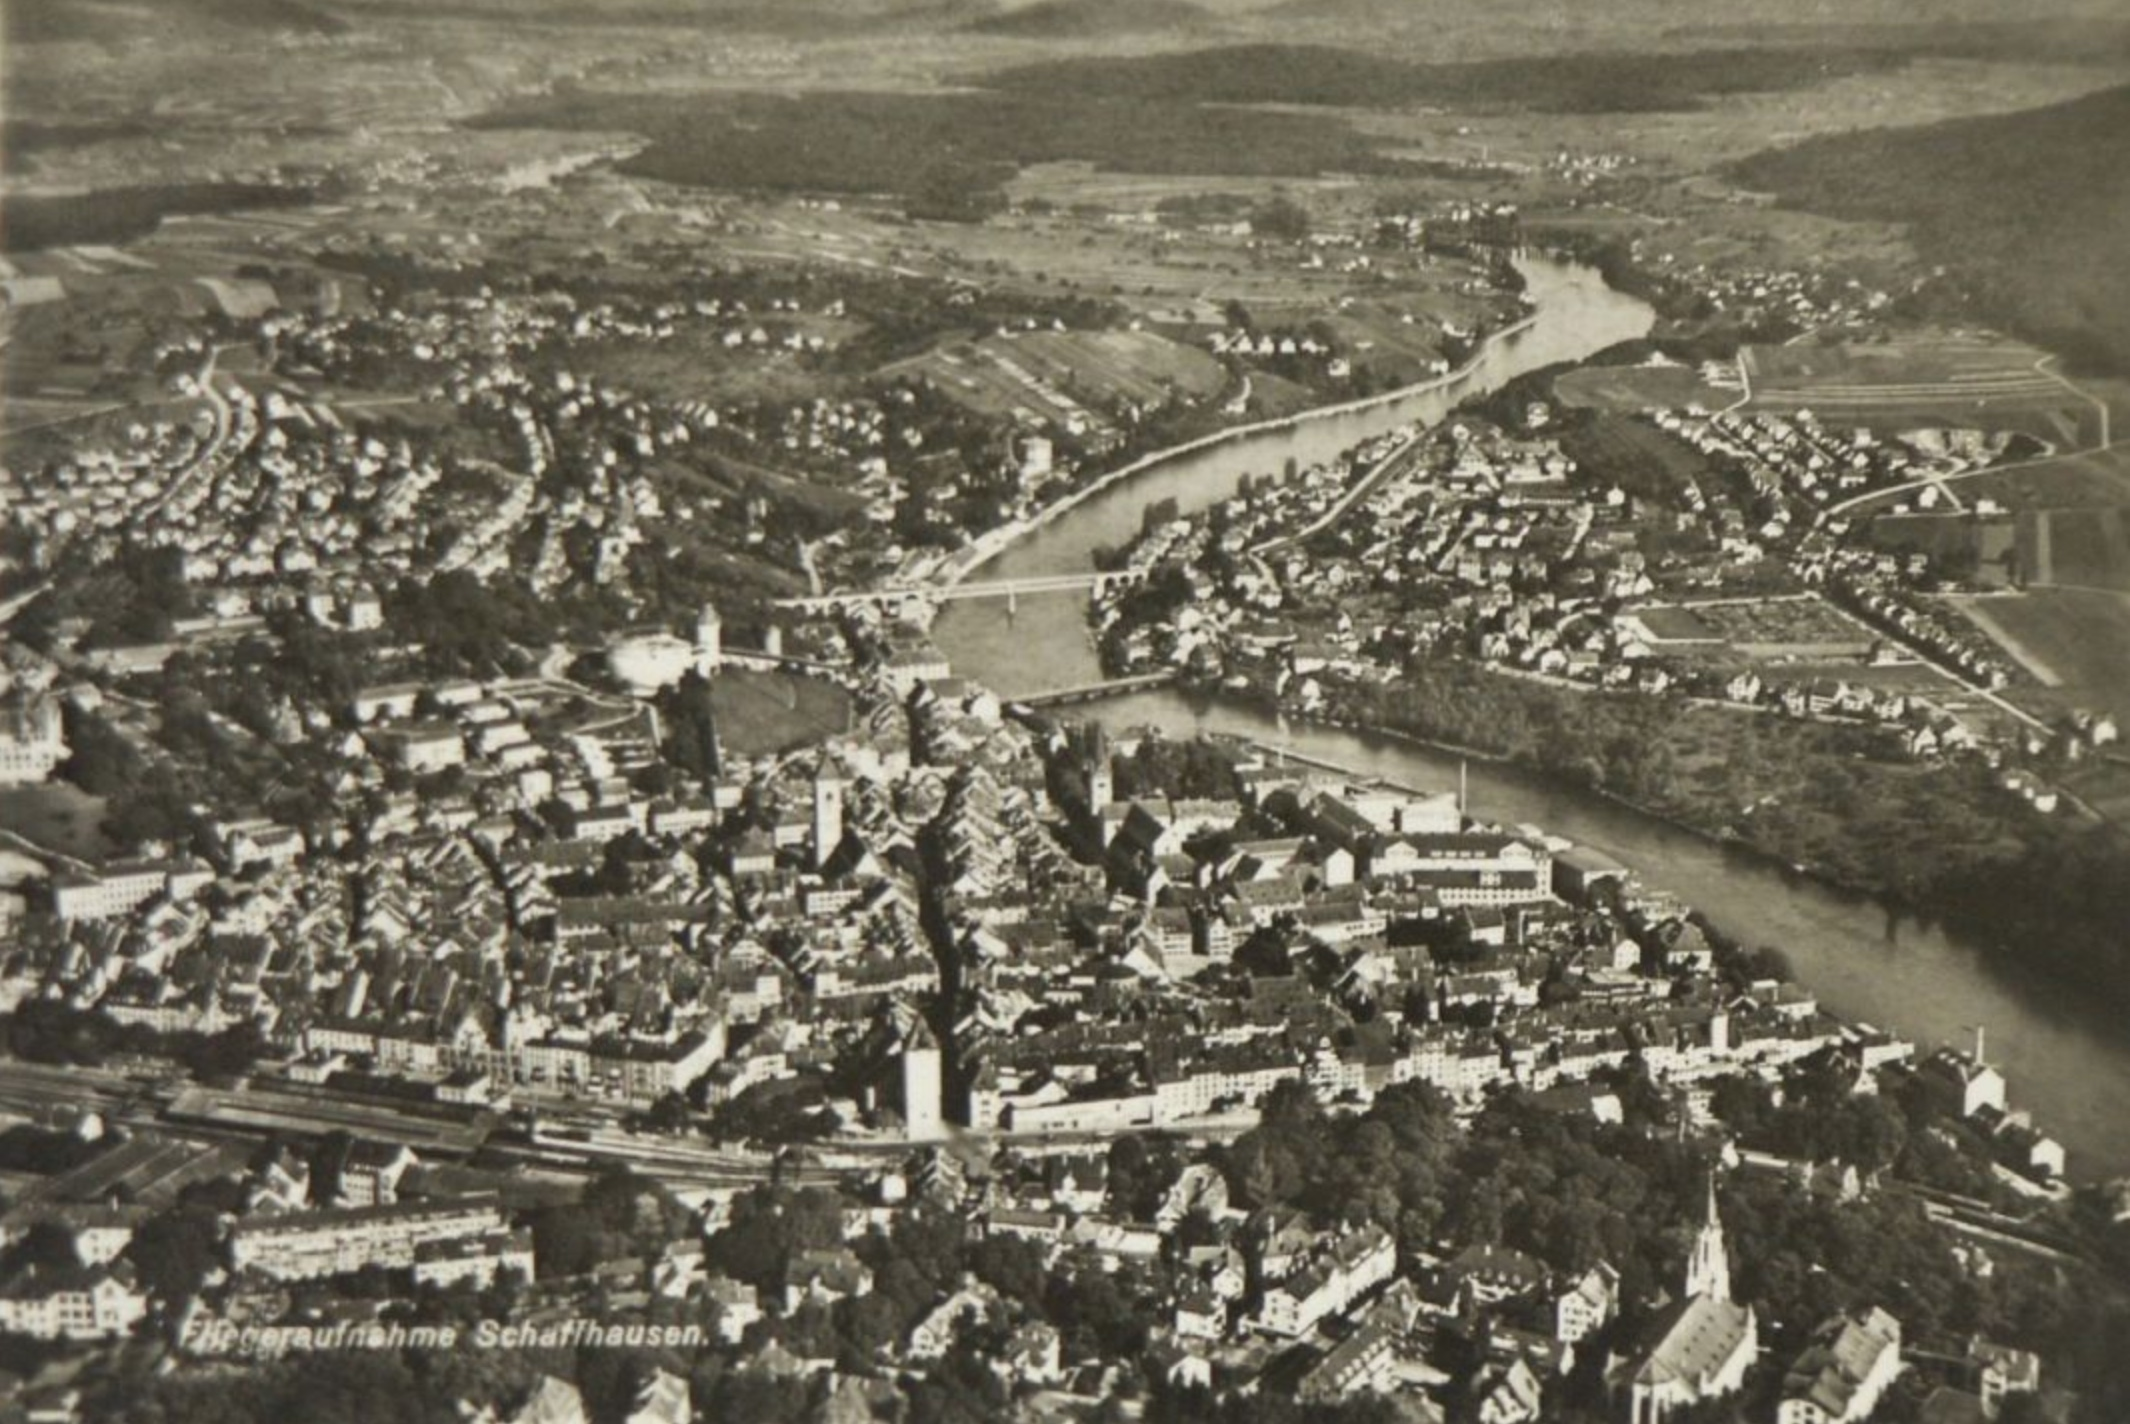 Flugaufnahme von Schaffhausen und Feuerthalen 1942. Die Bedrohung durch Frontisten in Feuerthalen und Schaffhausen fördert 1935 den Zusammenschluss der SP und der KPO zur Sozialistischen Arbeiterpartei.